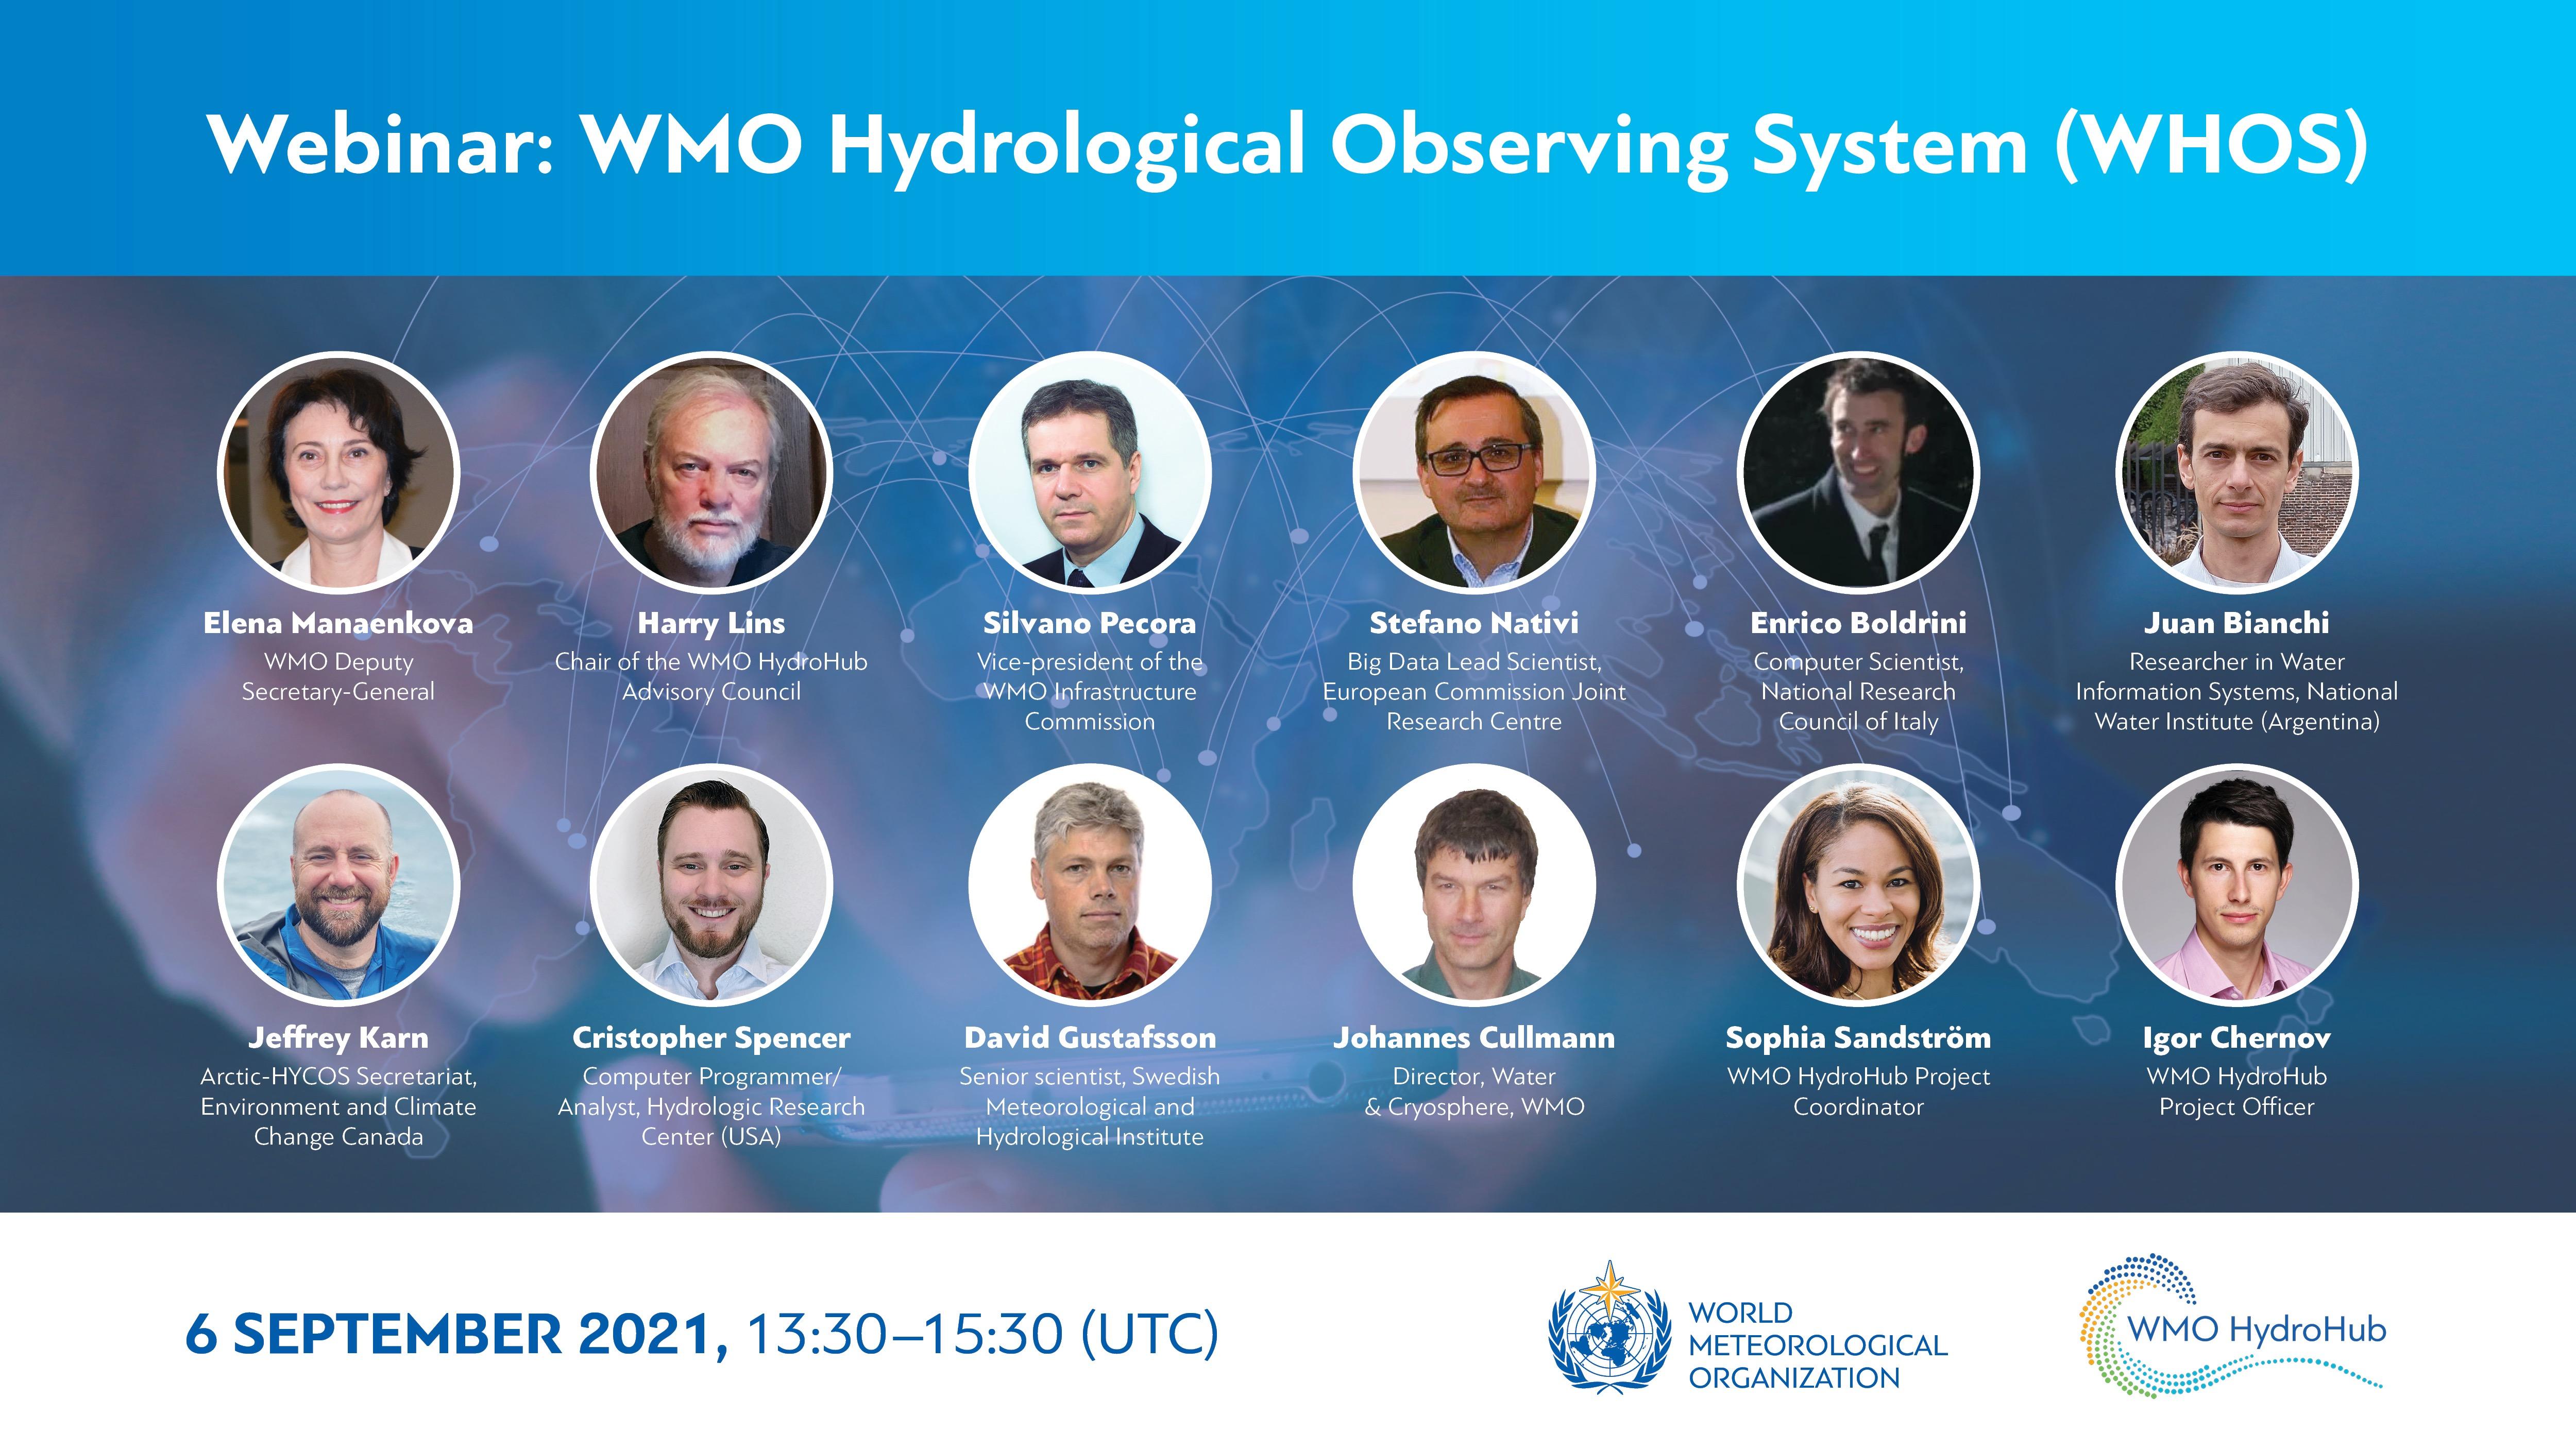 WHOS Webinar